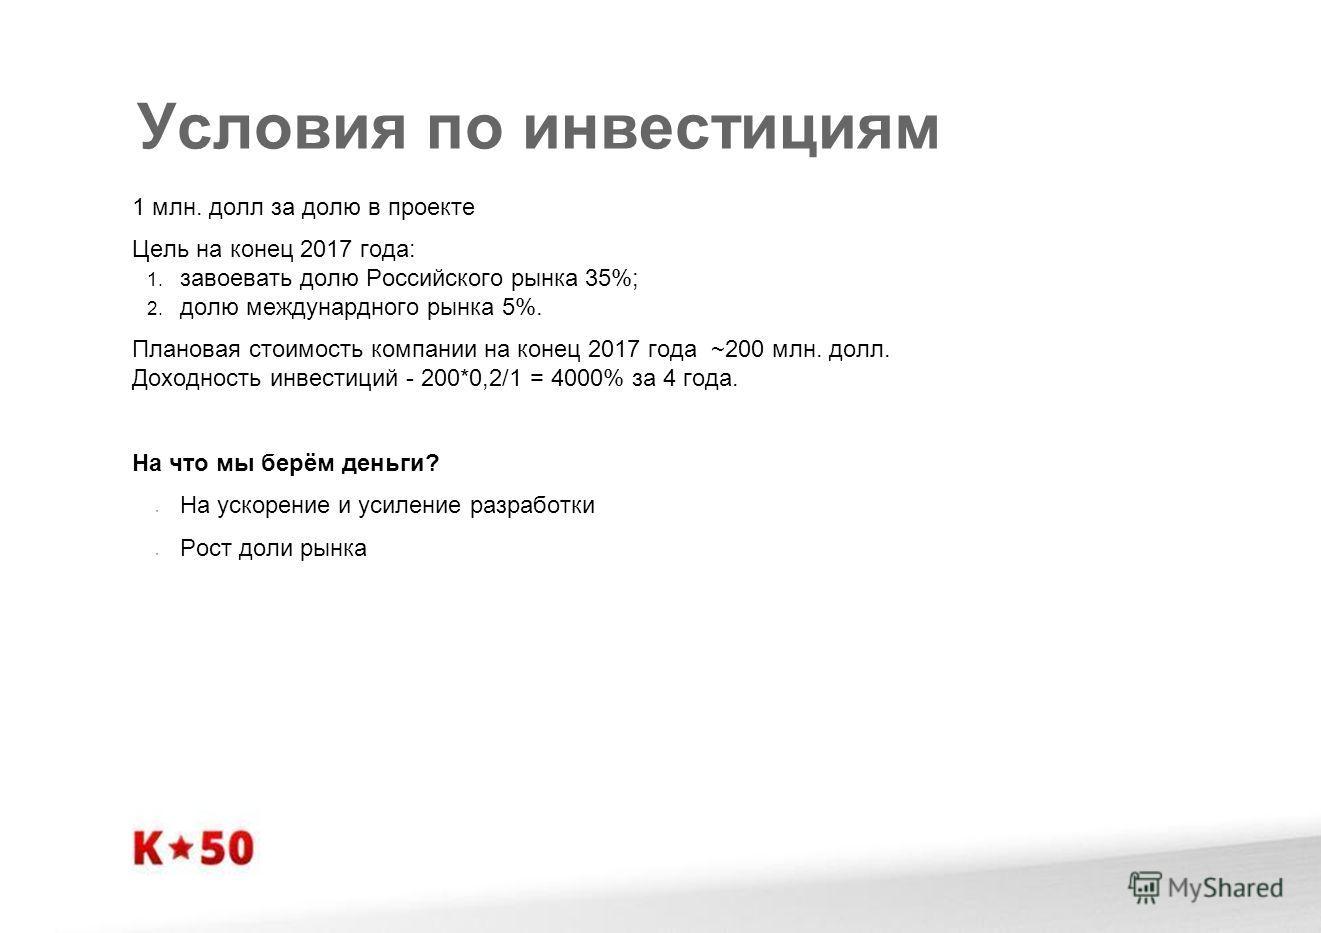 Условия по инвестициям 1 млн. долл за долю в проекте Цель на конец 2017 года: 1. завоевать долю Российского рынка 35%; 2. долю междунардного рынка 5%. Плановая стоимость компании на конец 2017 года ~200 млн. долл. Доходность инвестиций - 200*0,2/1 =